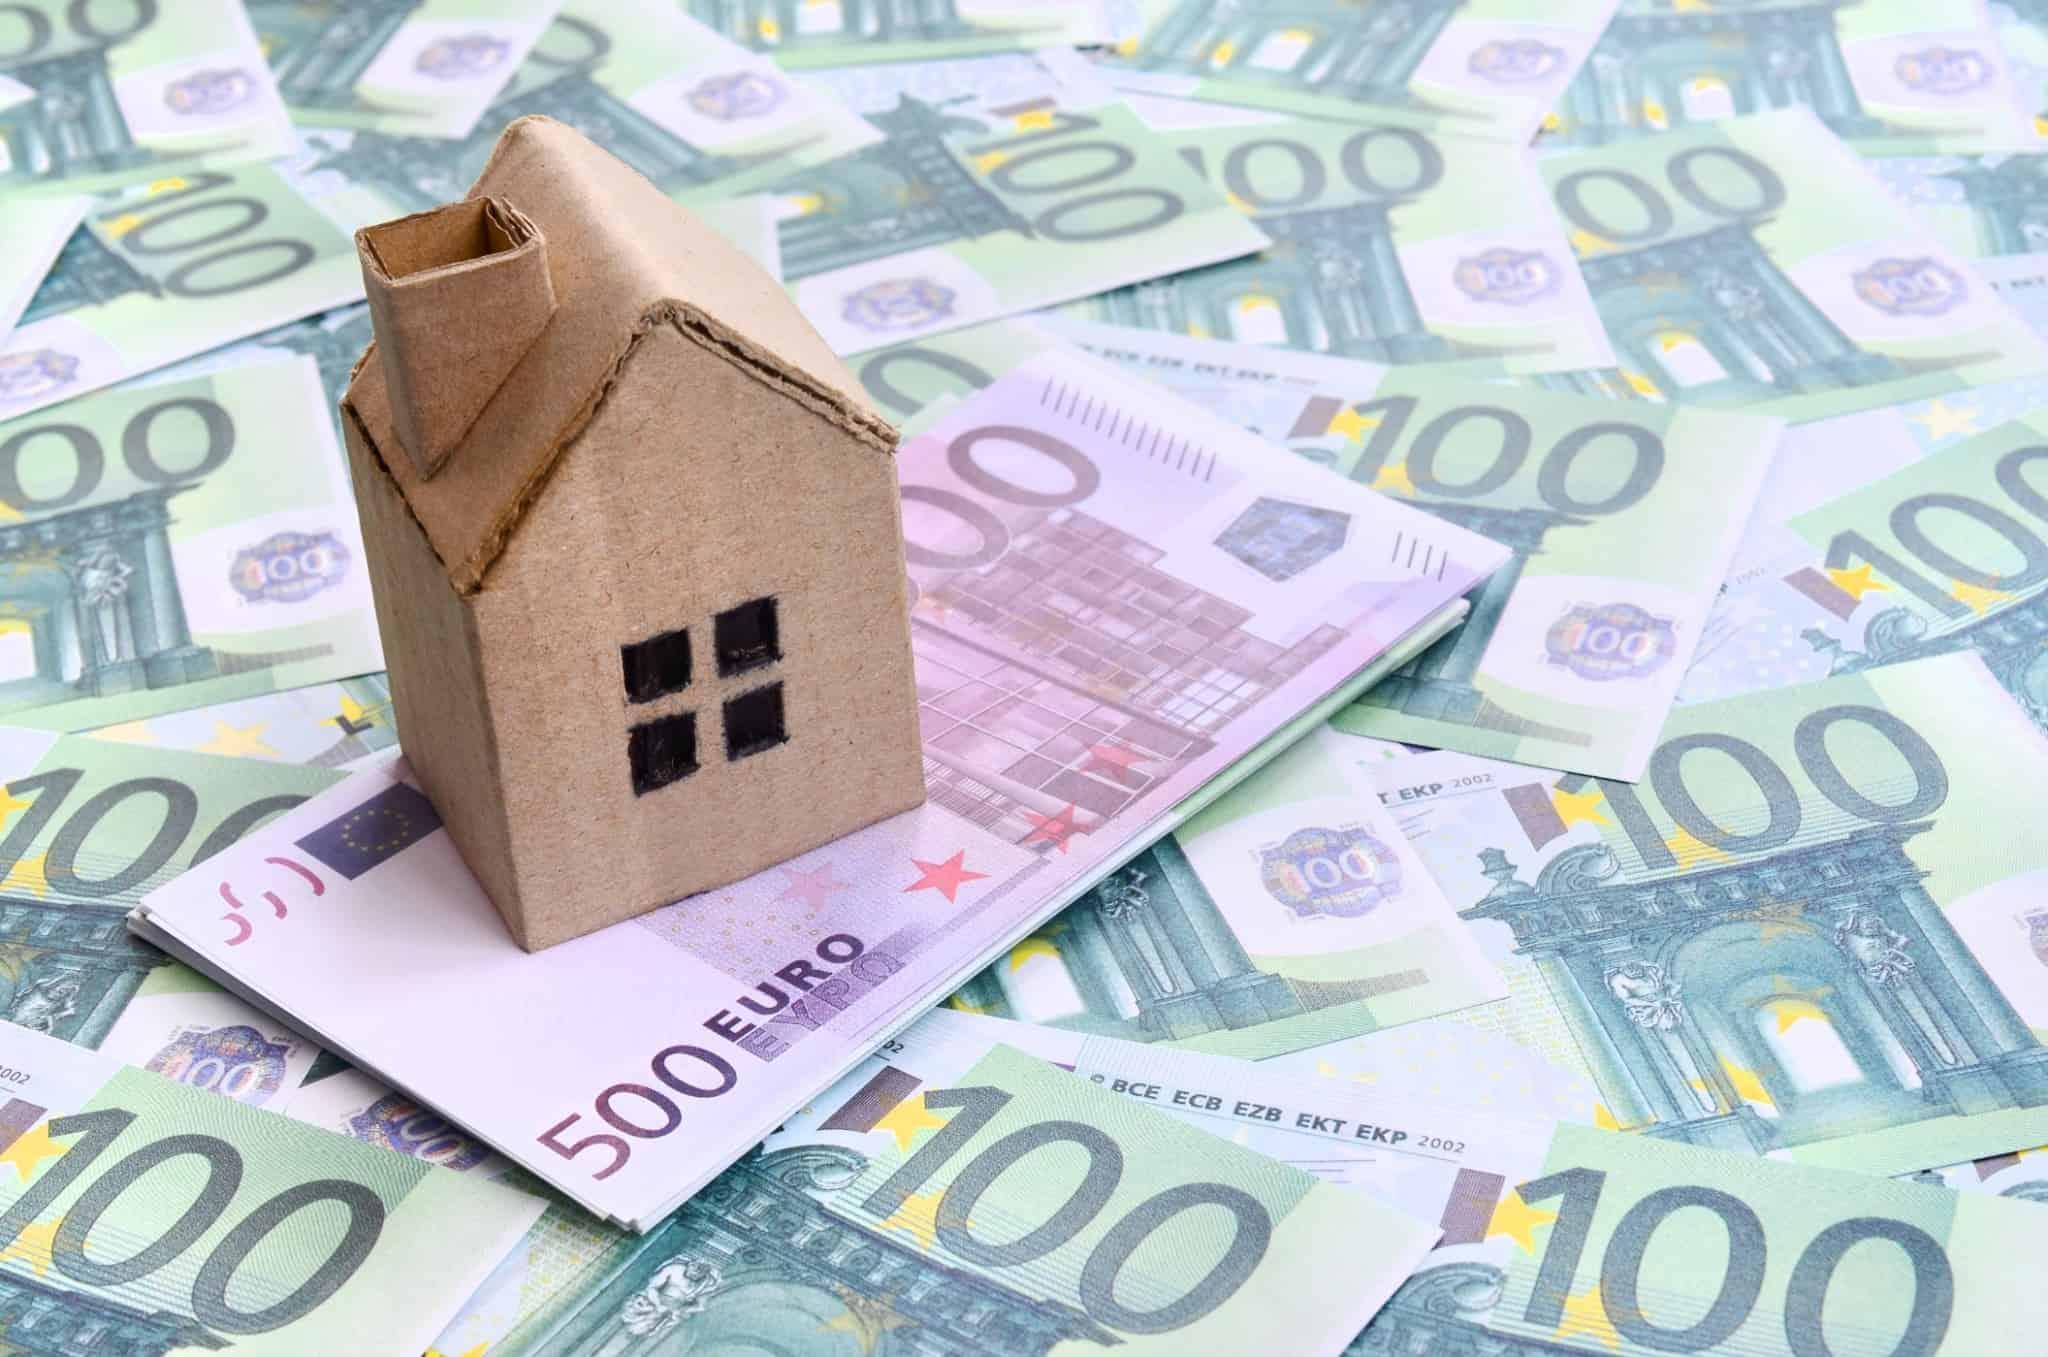 Casa de miniatura em cima de notas de euro